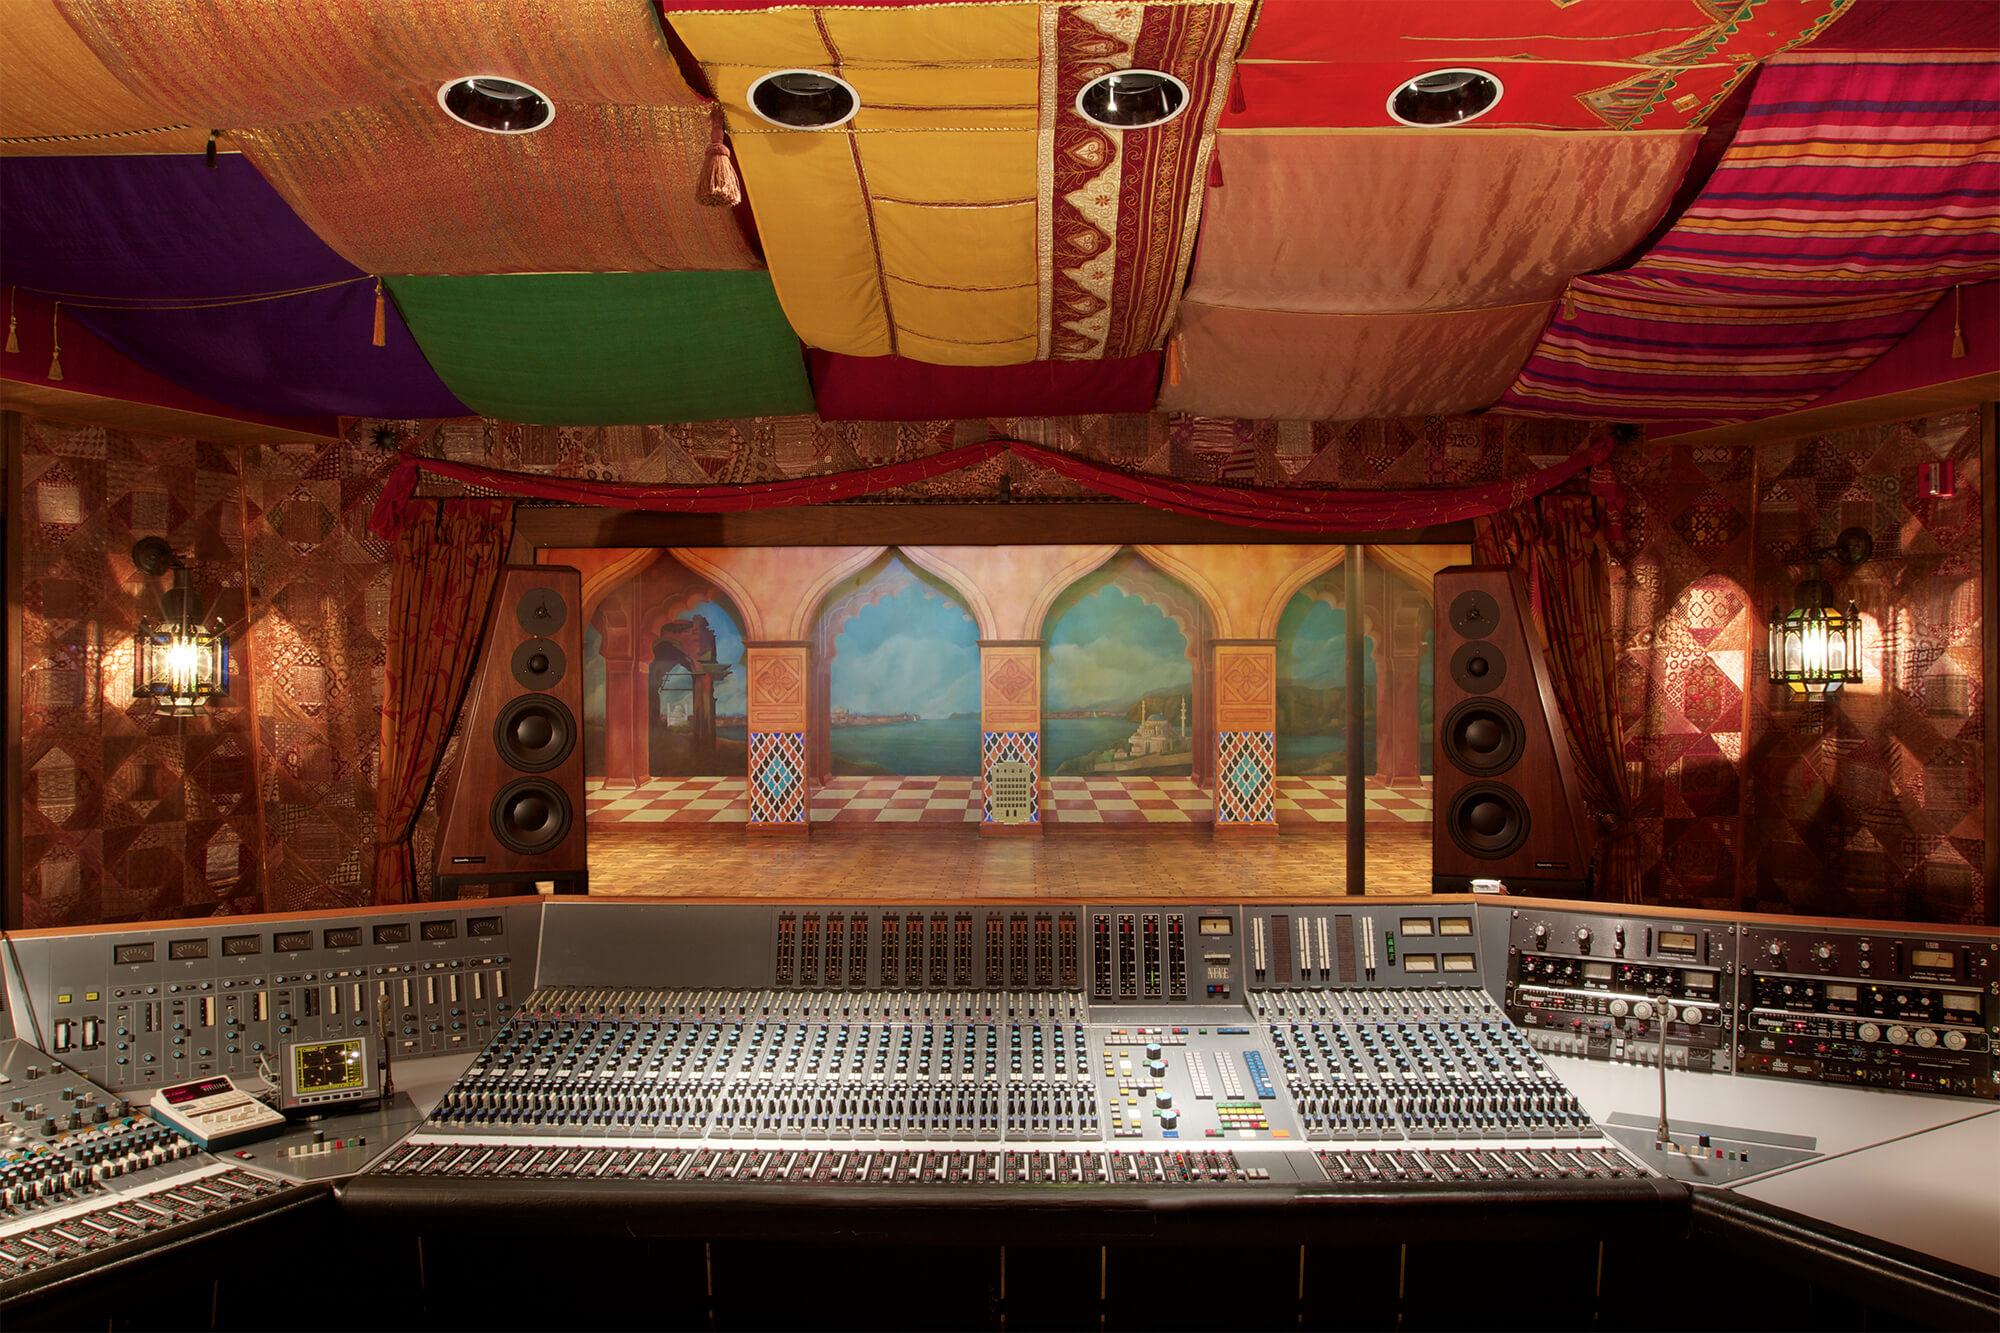 studios nrg recording studios